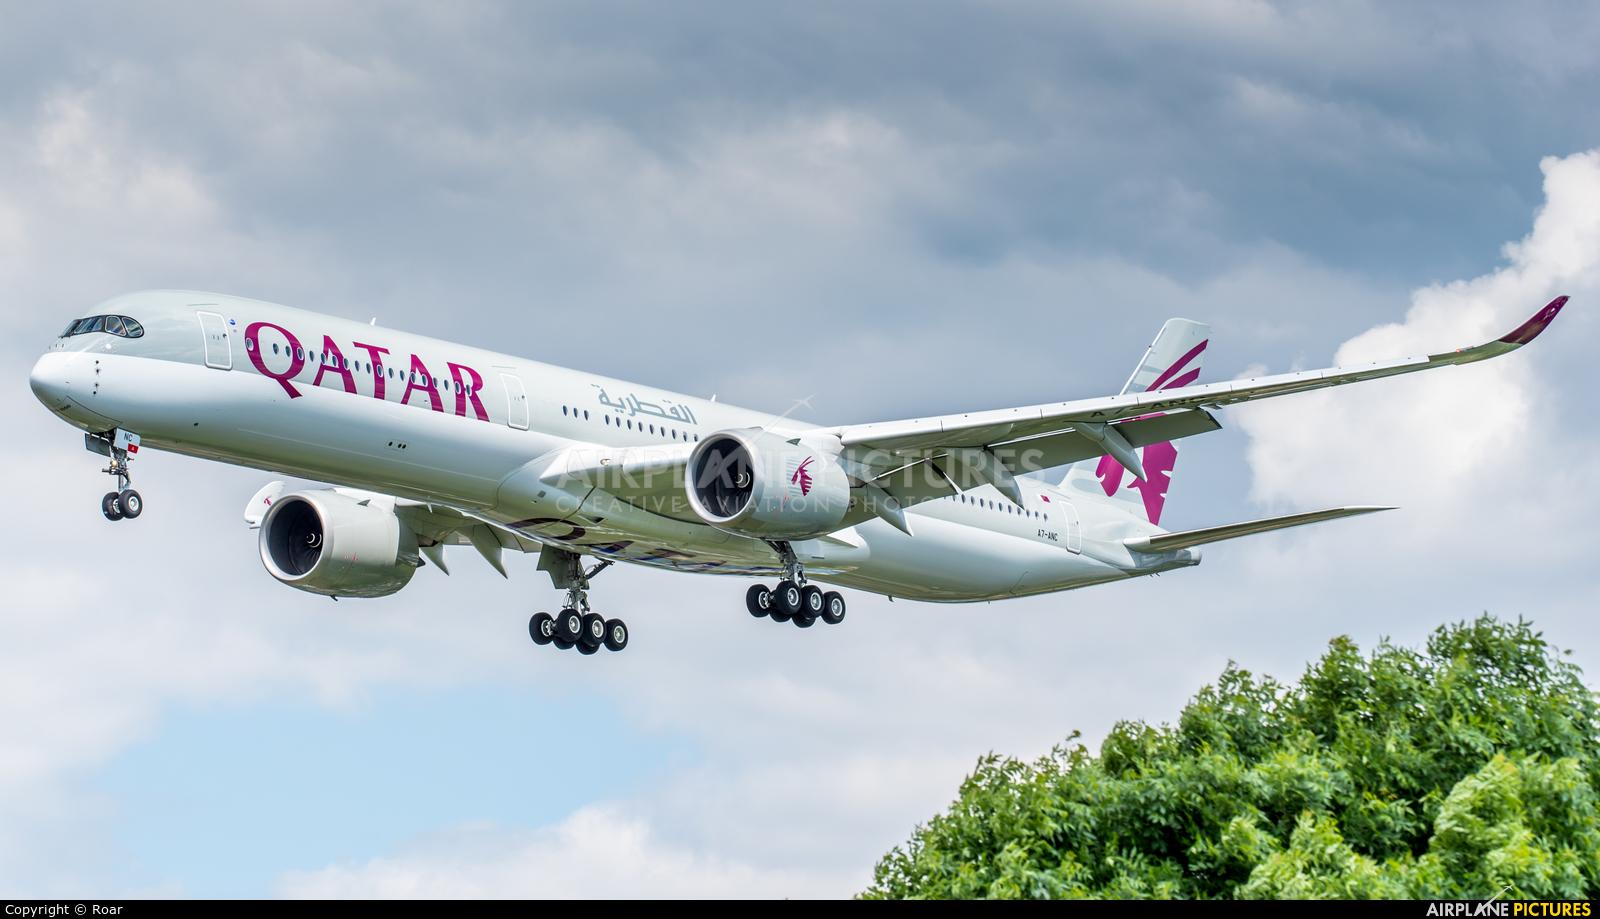 Qatar Airways A7-ANZ aircraft at London - Heathrow